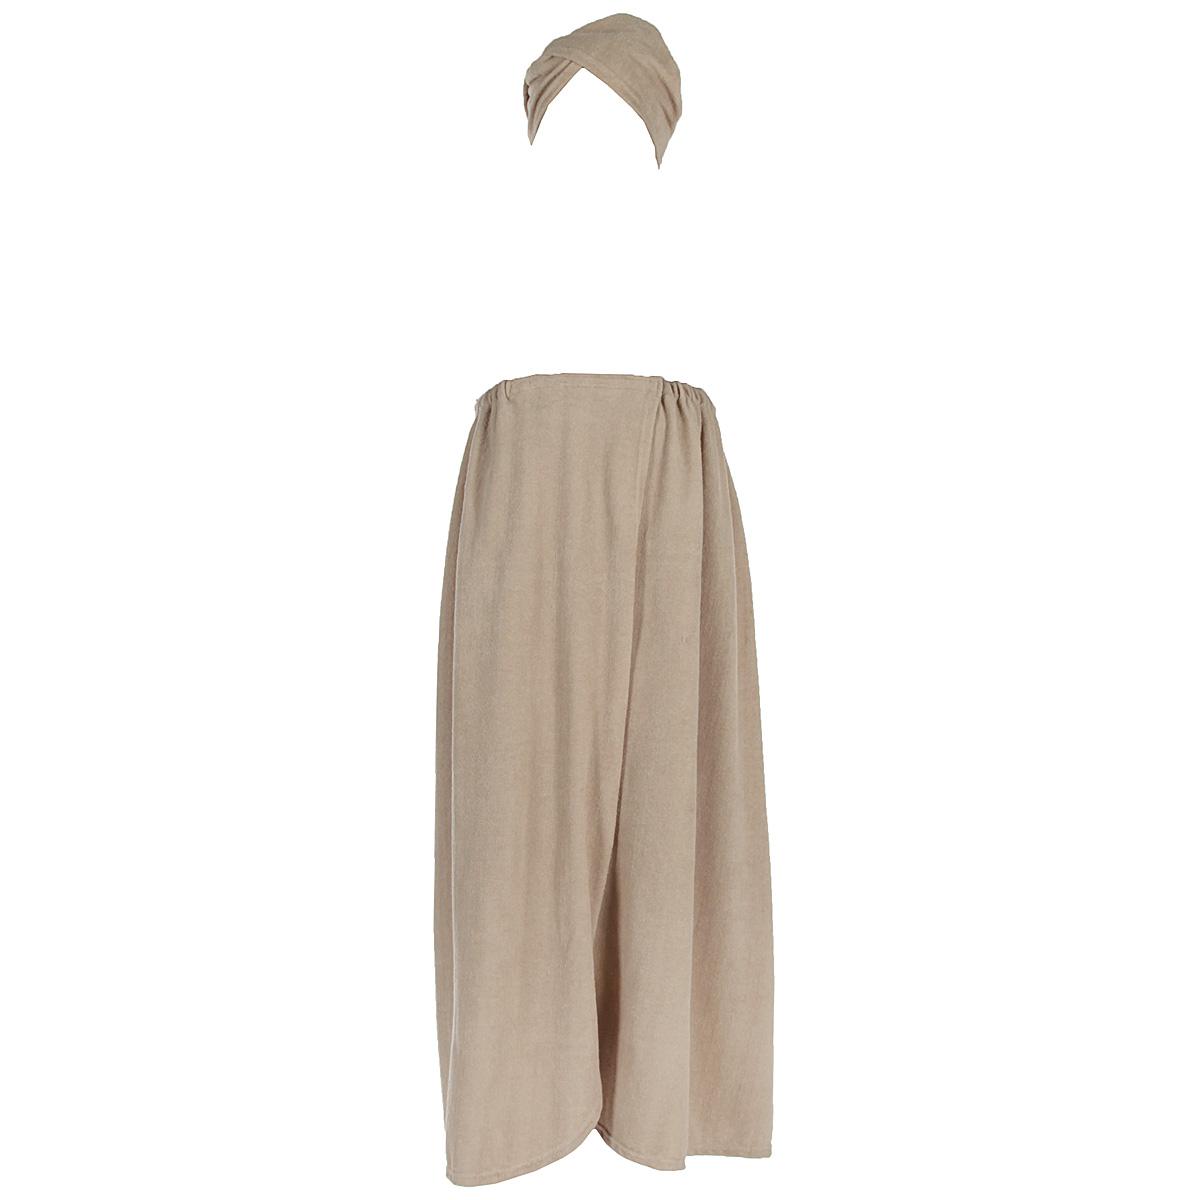 """Комплект женский для бани и сауны """"Главбаня"""", цвет: бежевый, 2 предмета. Размер XXL"""